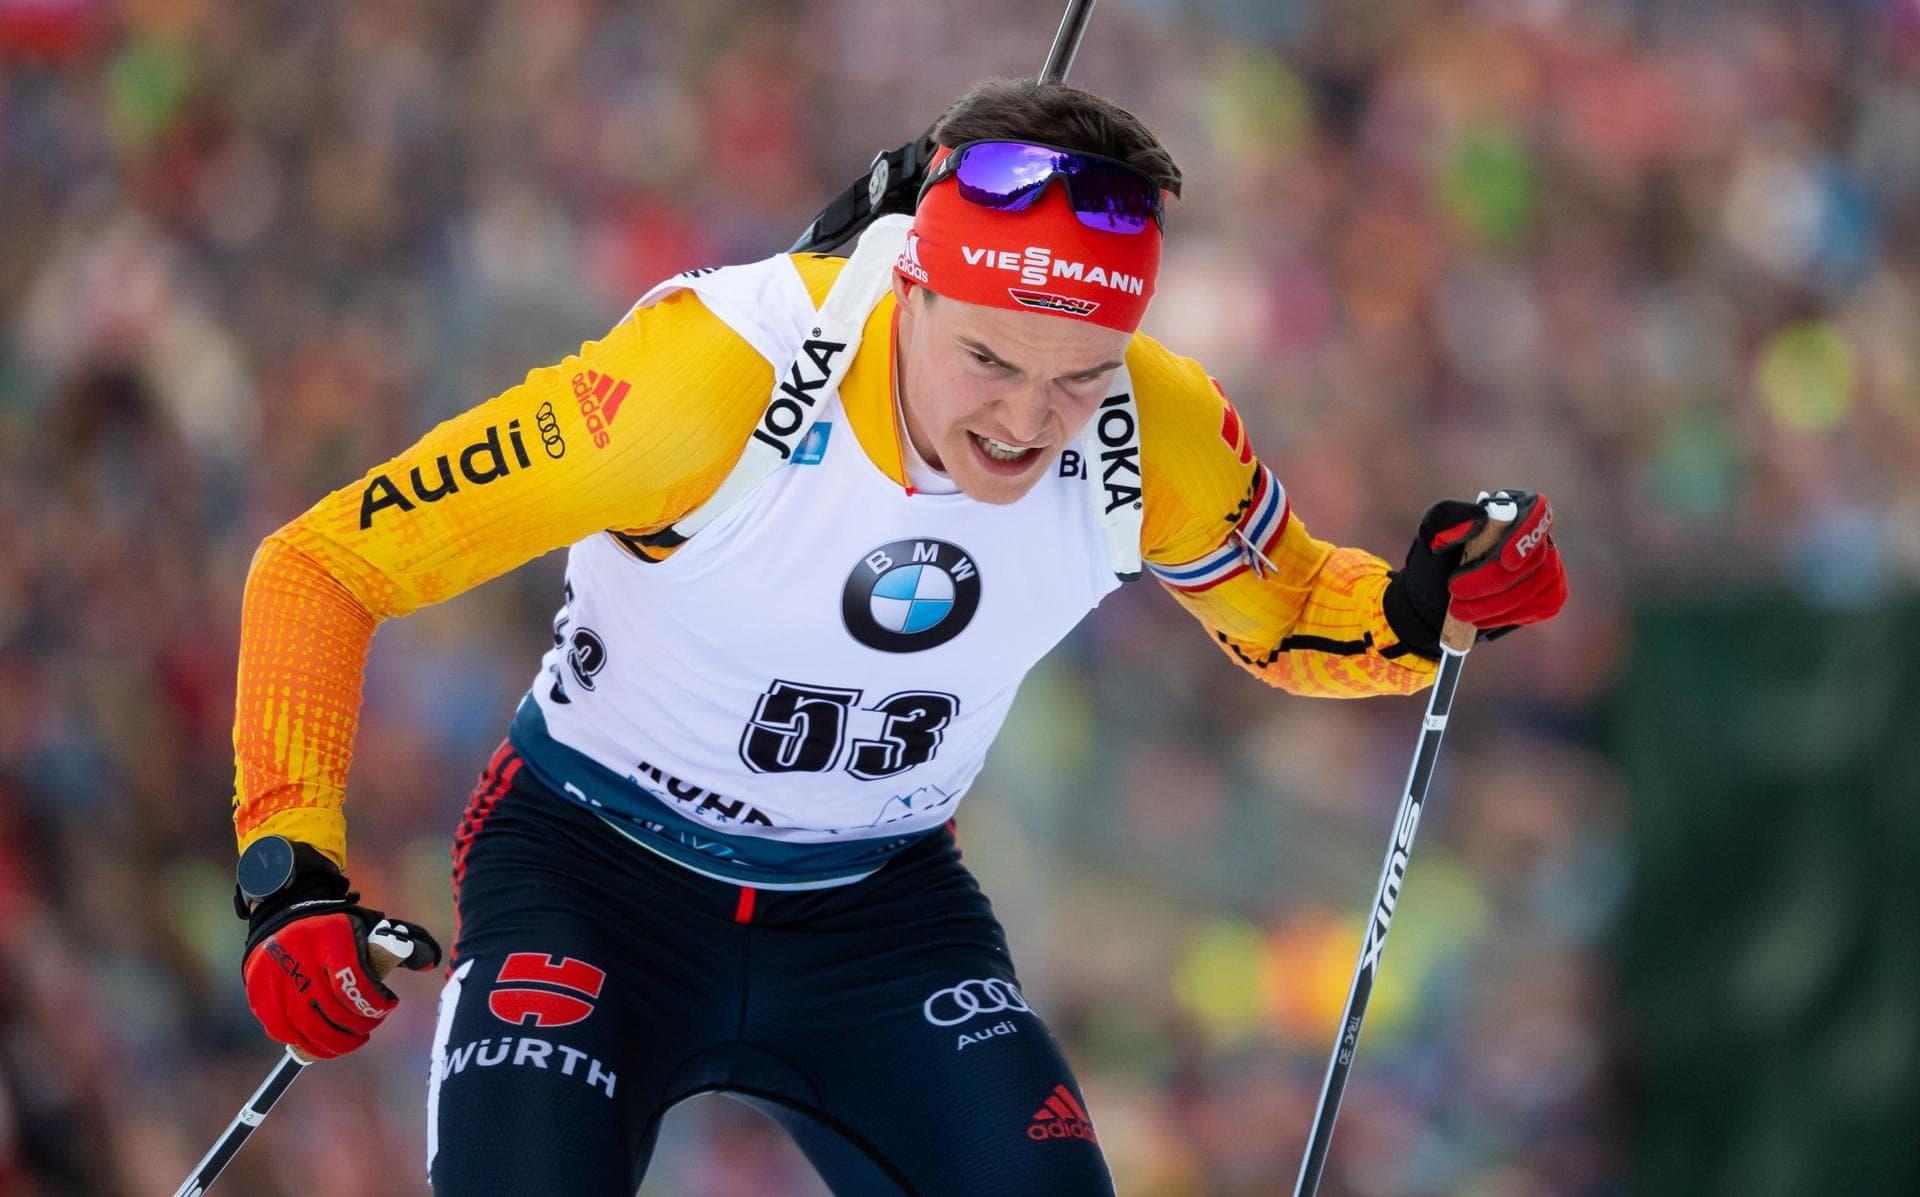 Das bringt der Wintersport am Samstag Biathlon, Ski nordisch, Bob